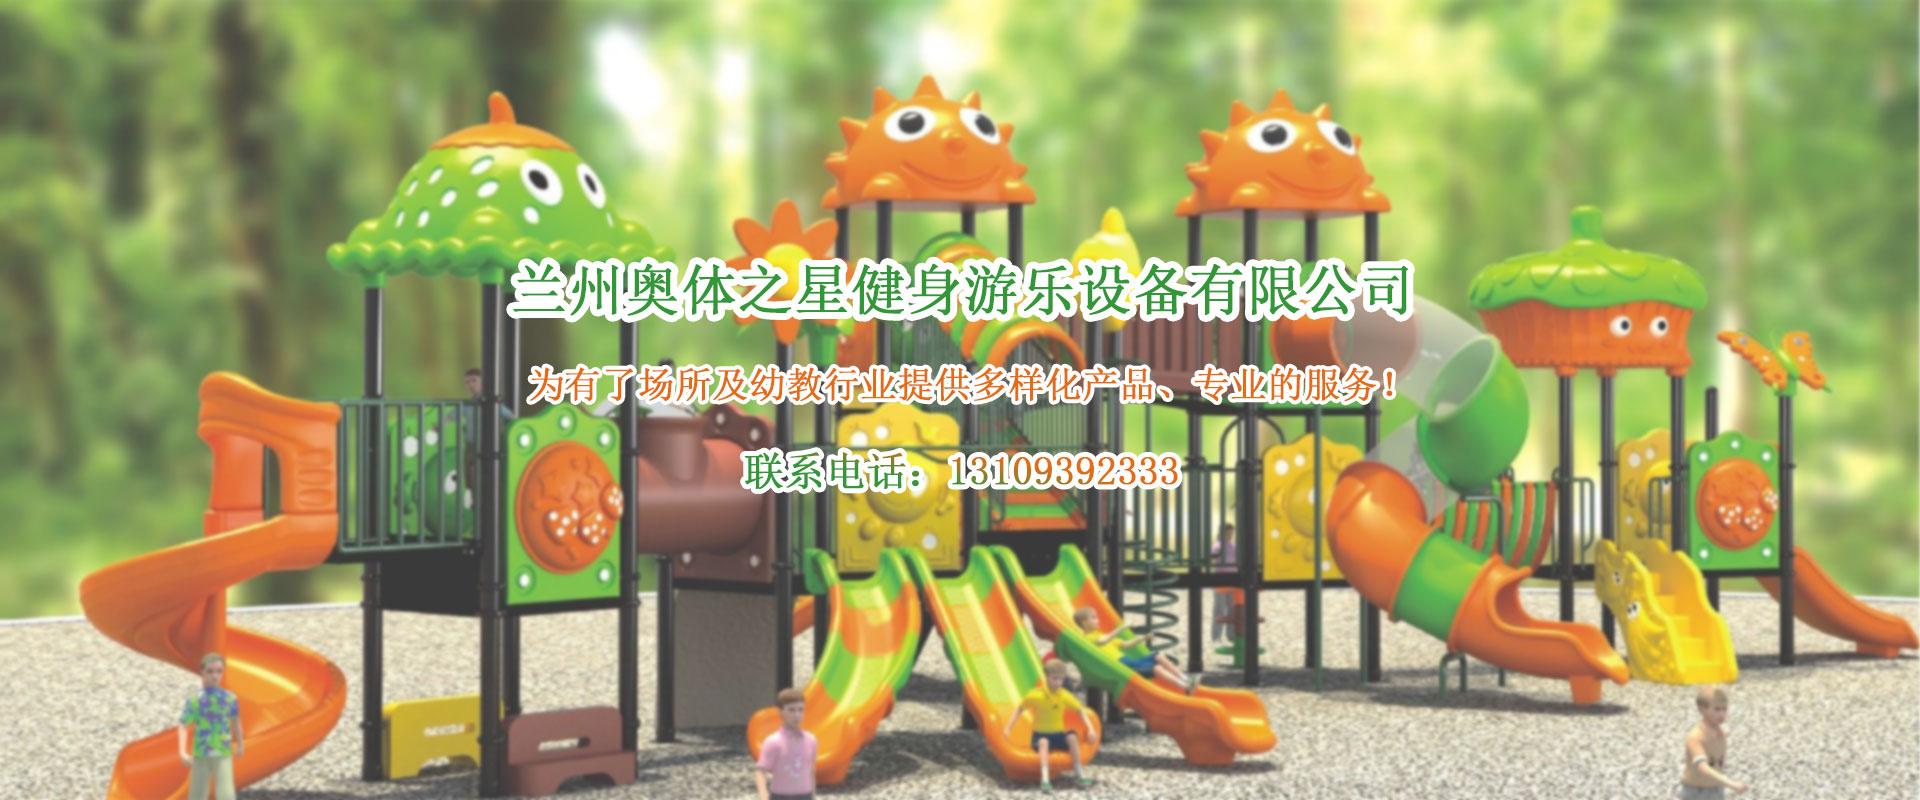 奥体之星大型幼兒園免费看成年人视频